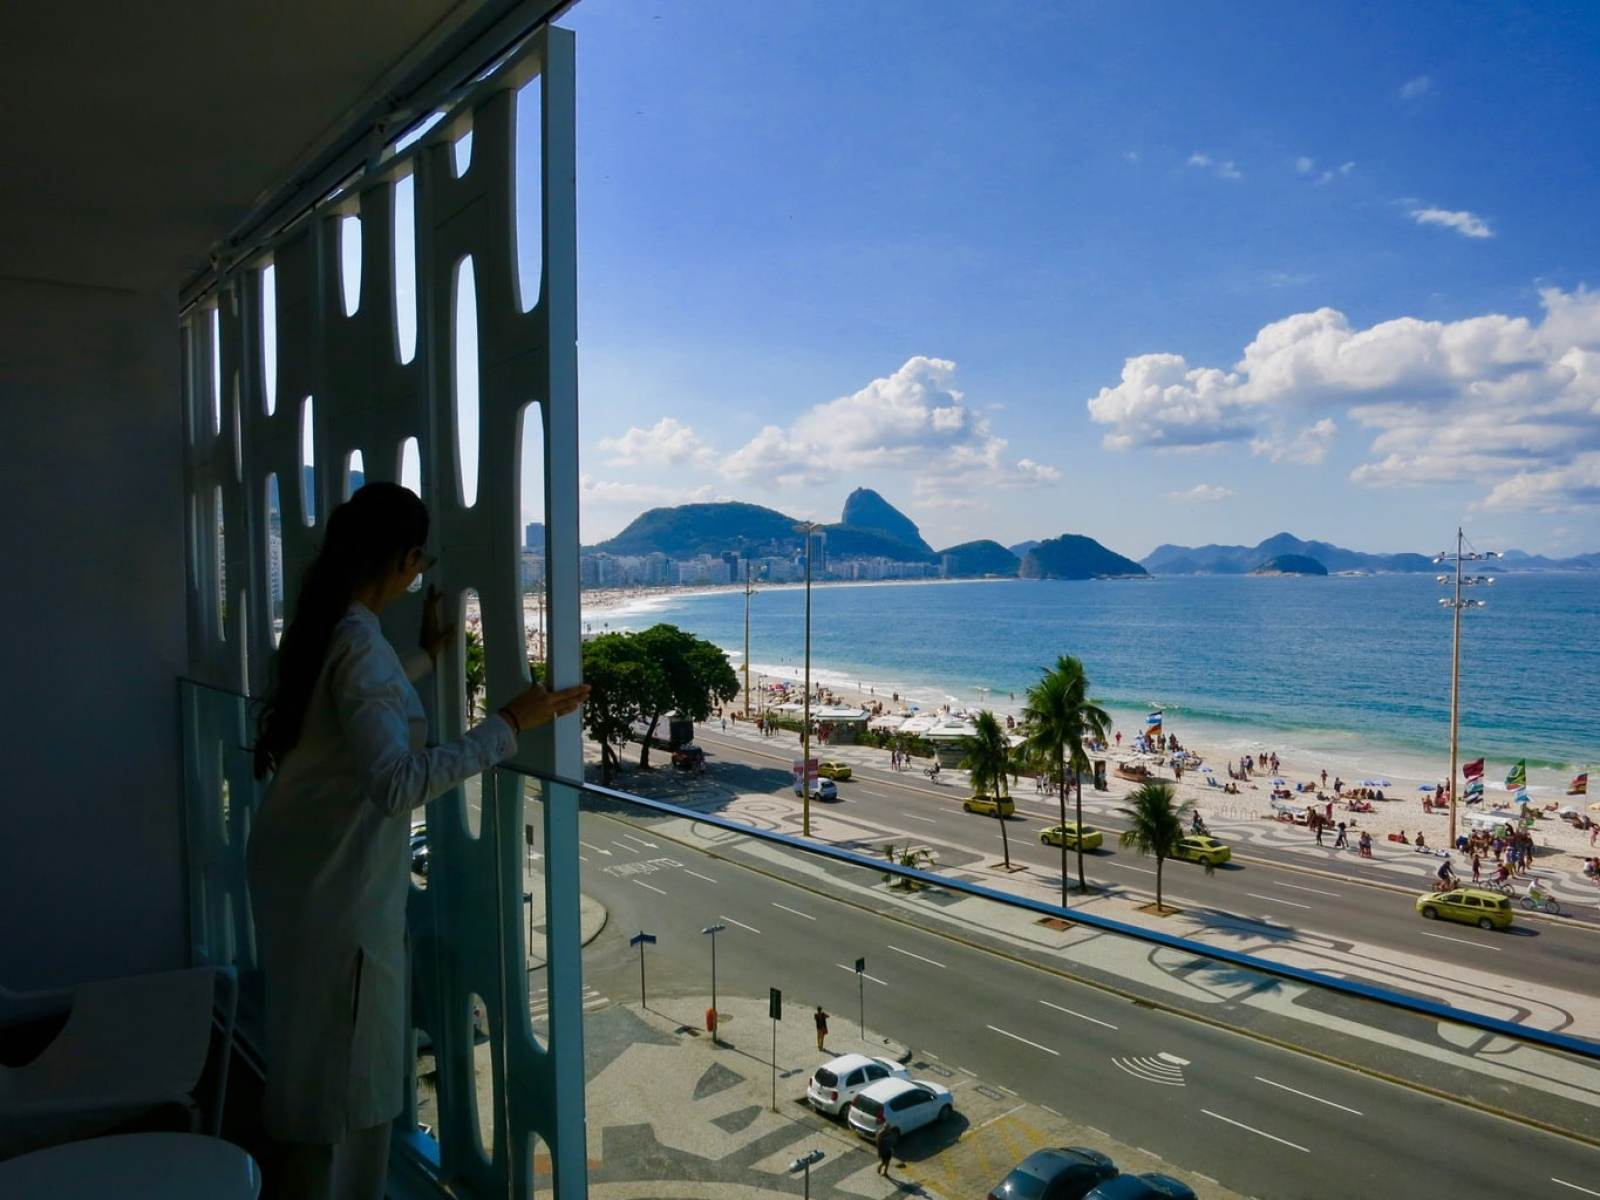 View from Room, Hotel Emiliano Rio Brazil